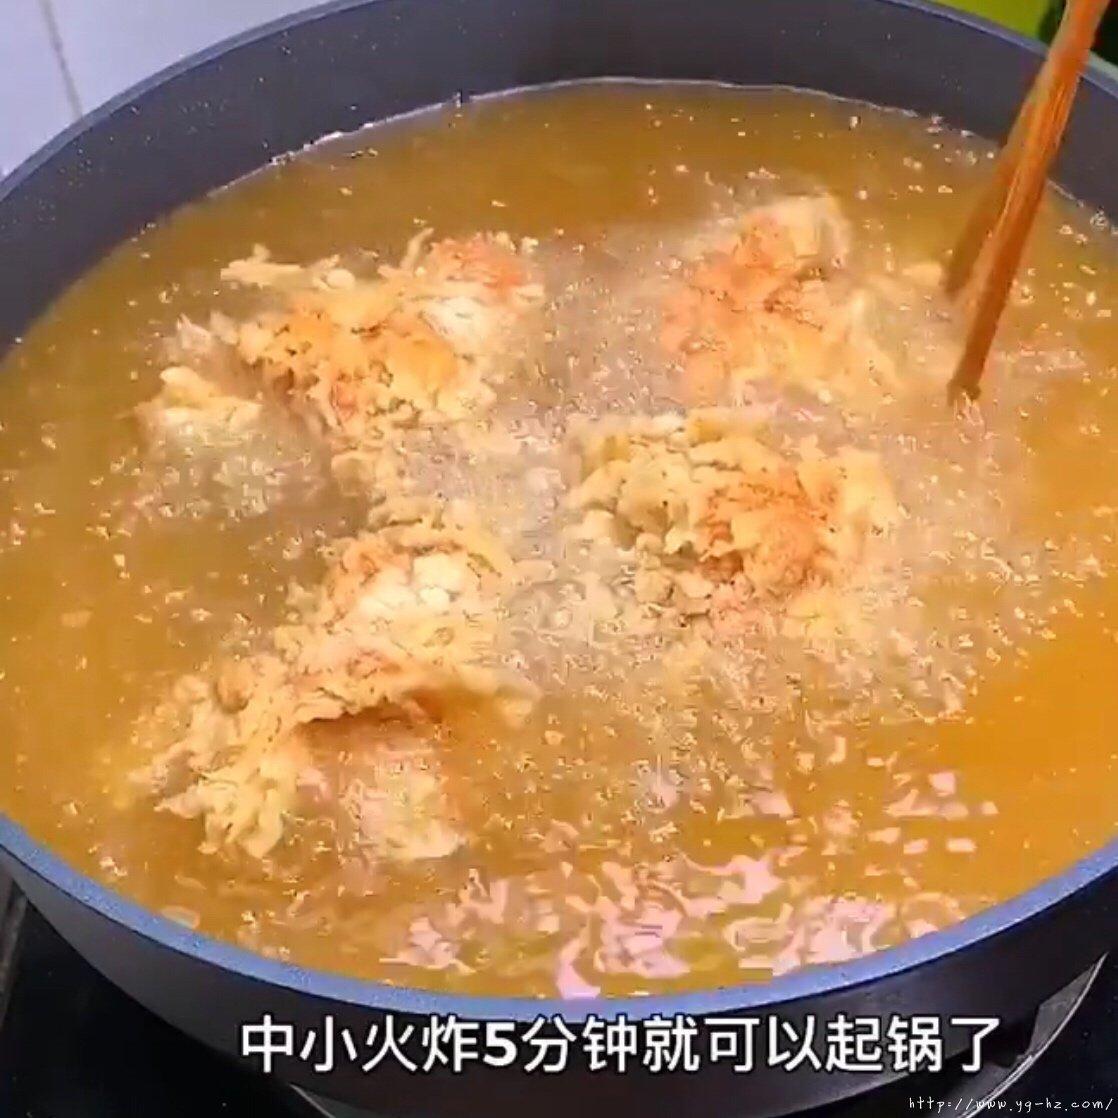 KFC   脆皮炸鸡的做法 步骤16